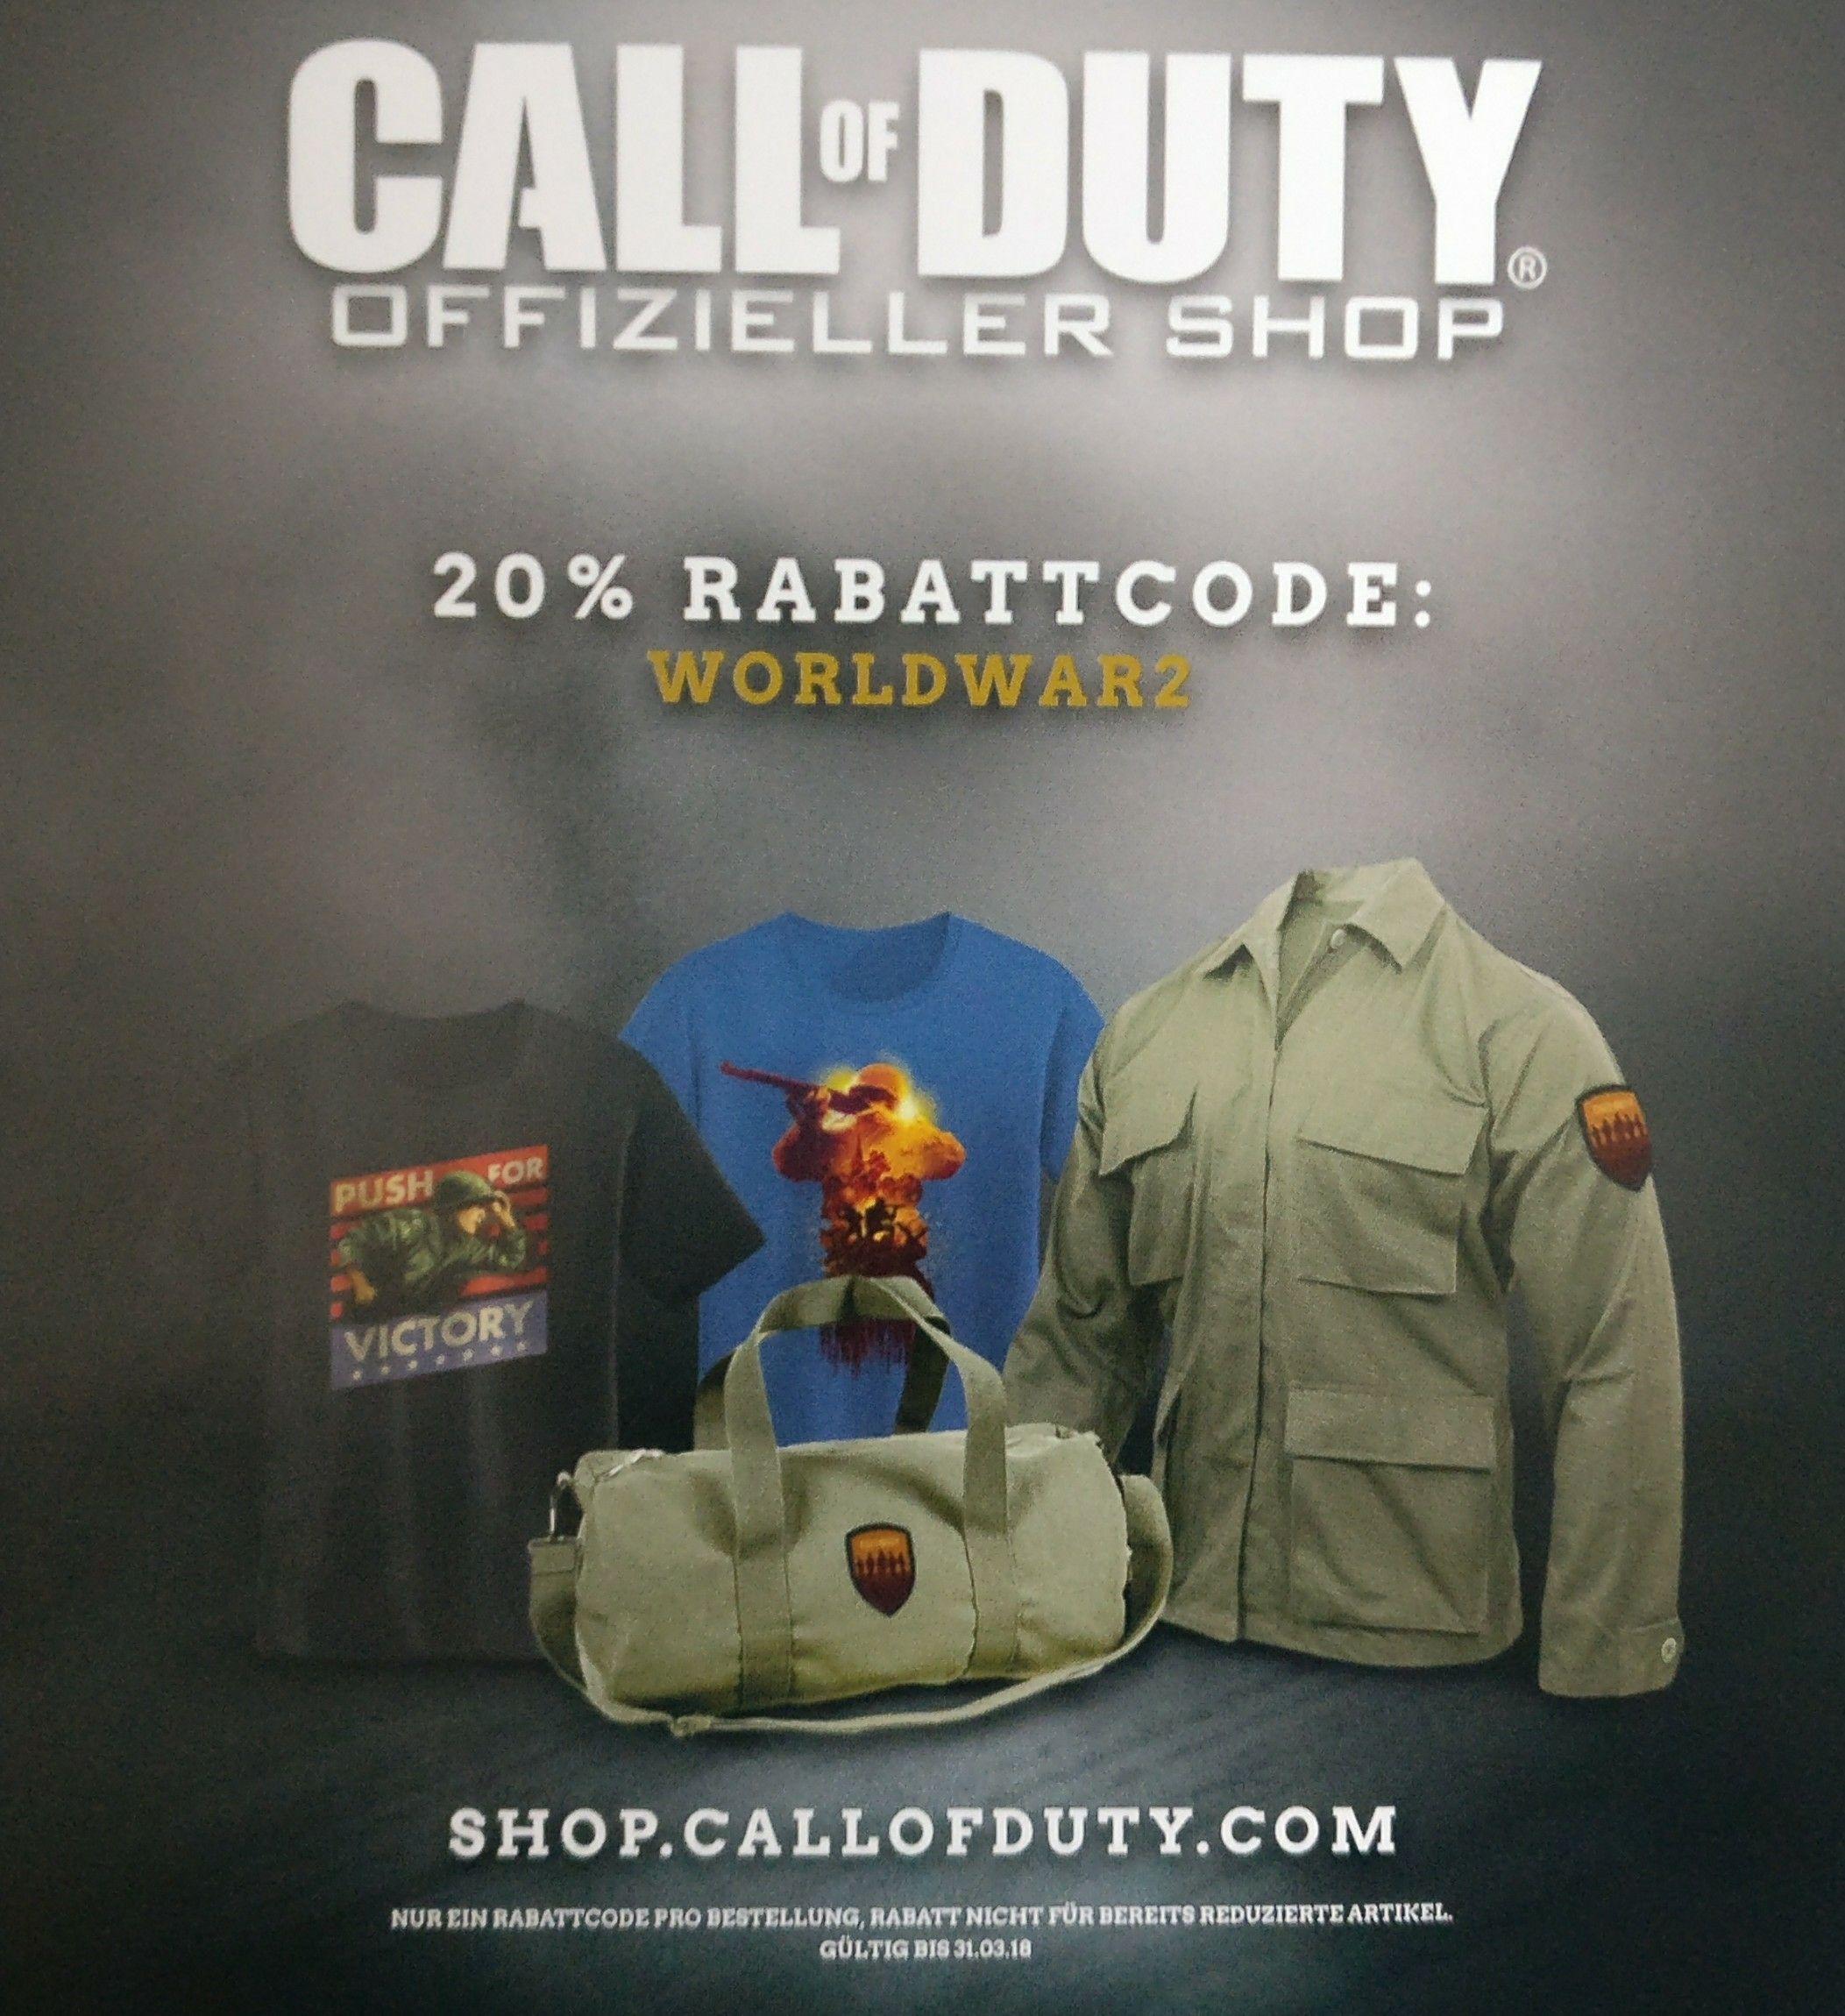 Call of Duty Fan Shop